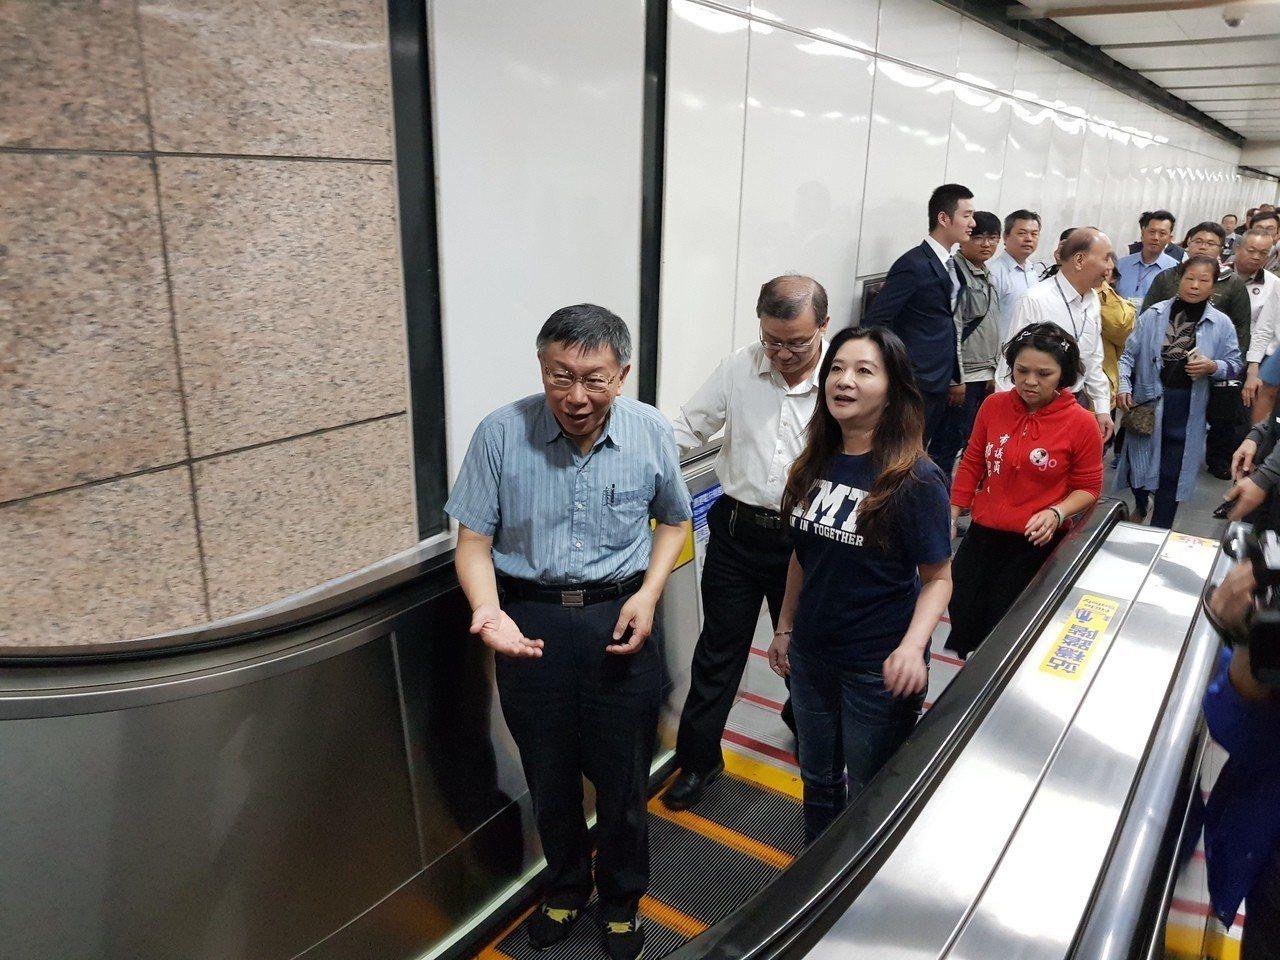 台北捷運古亭站7號出口雙向電扶梯昨完工啟用,台北市長柯文哲(前左)也同議員、里長...